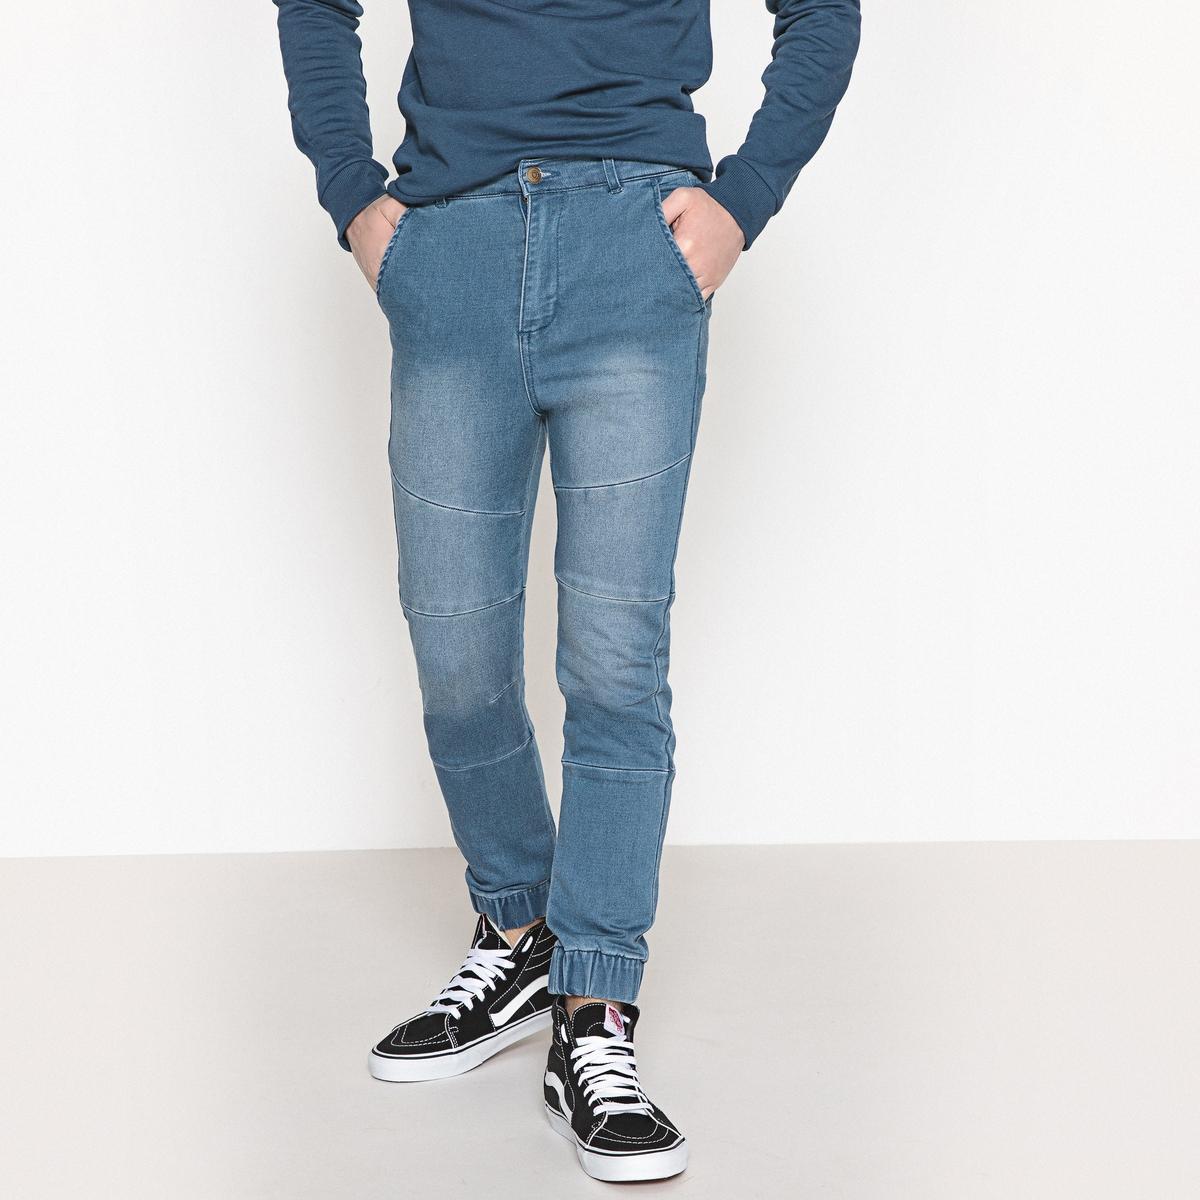 Джинсы jogger в байкерском стиле, 10-16 лет джинсы jogger в байкерском стиле 10 16 лет